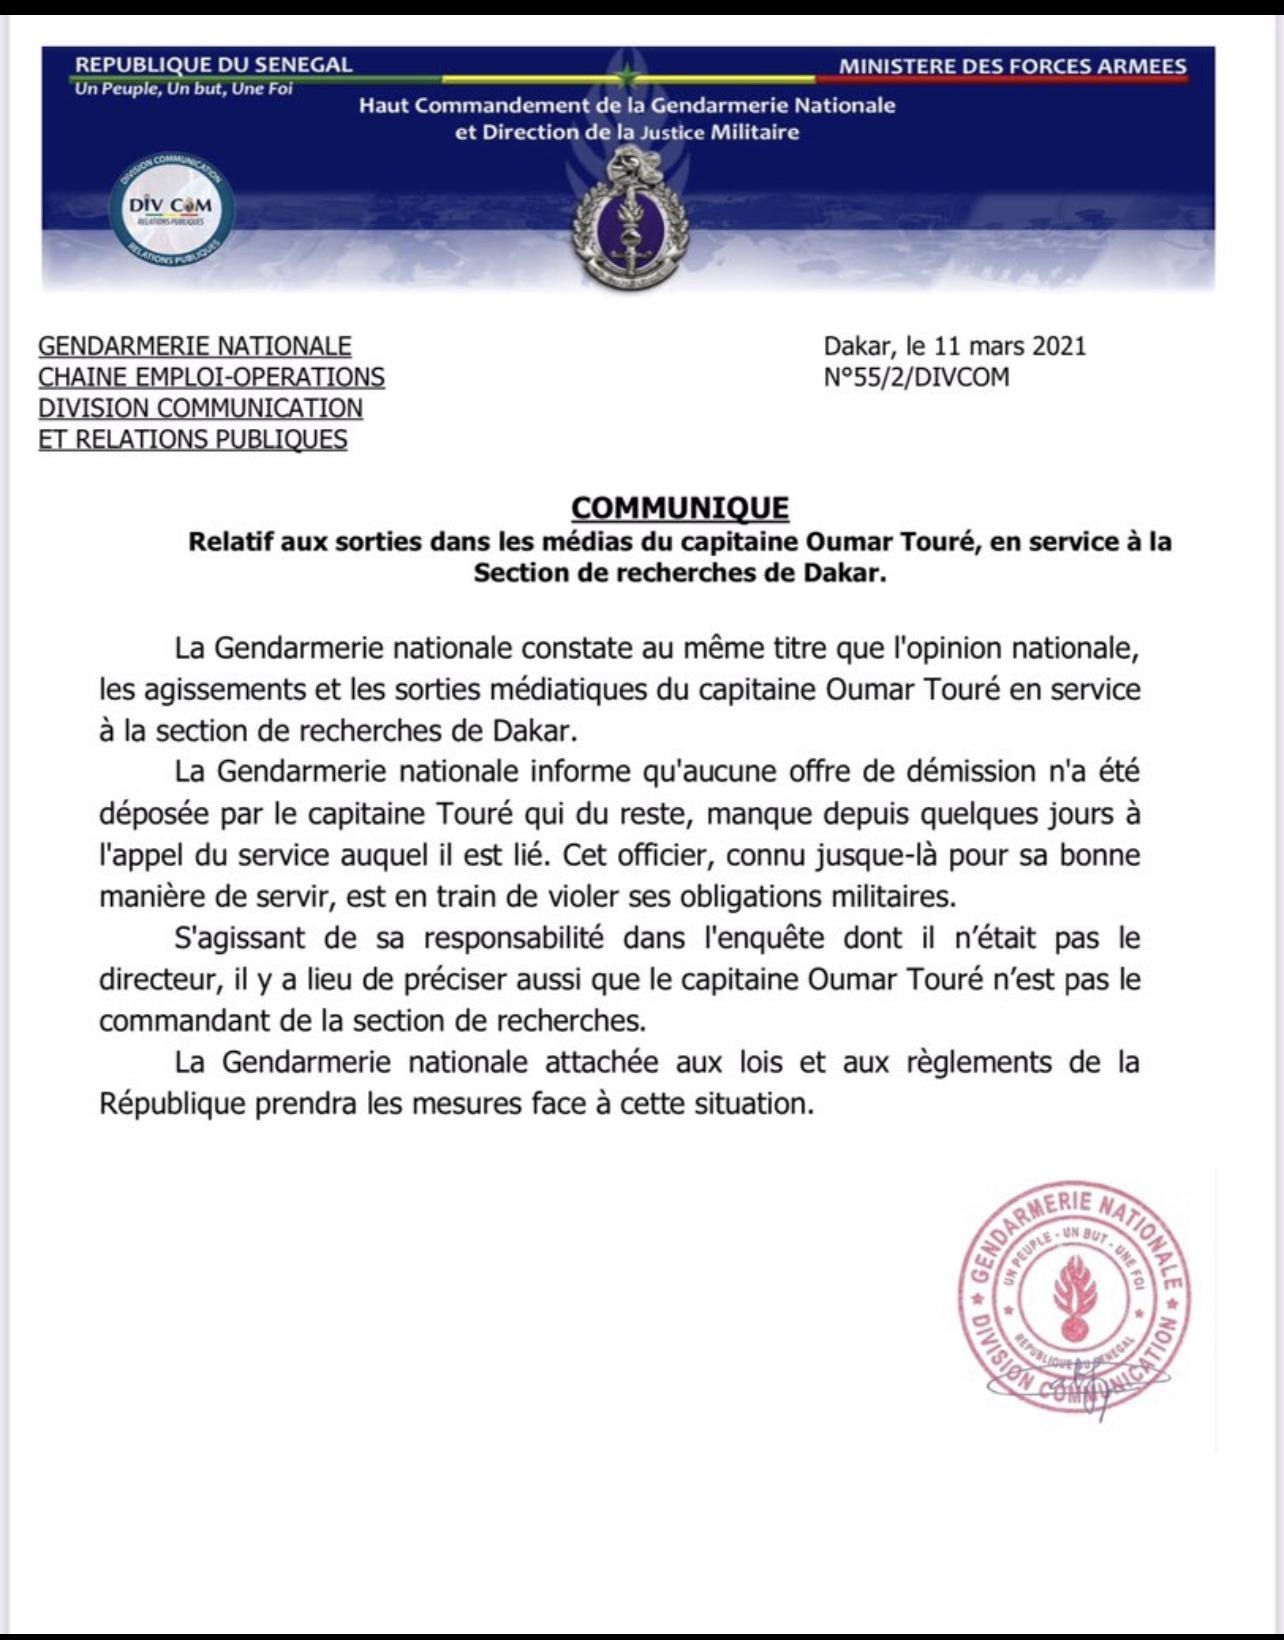 Supposée démission du Capitaine Oumar Touré : Les précisions de la Gendarmerie nationale. (DOCUMENT)